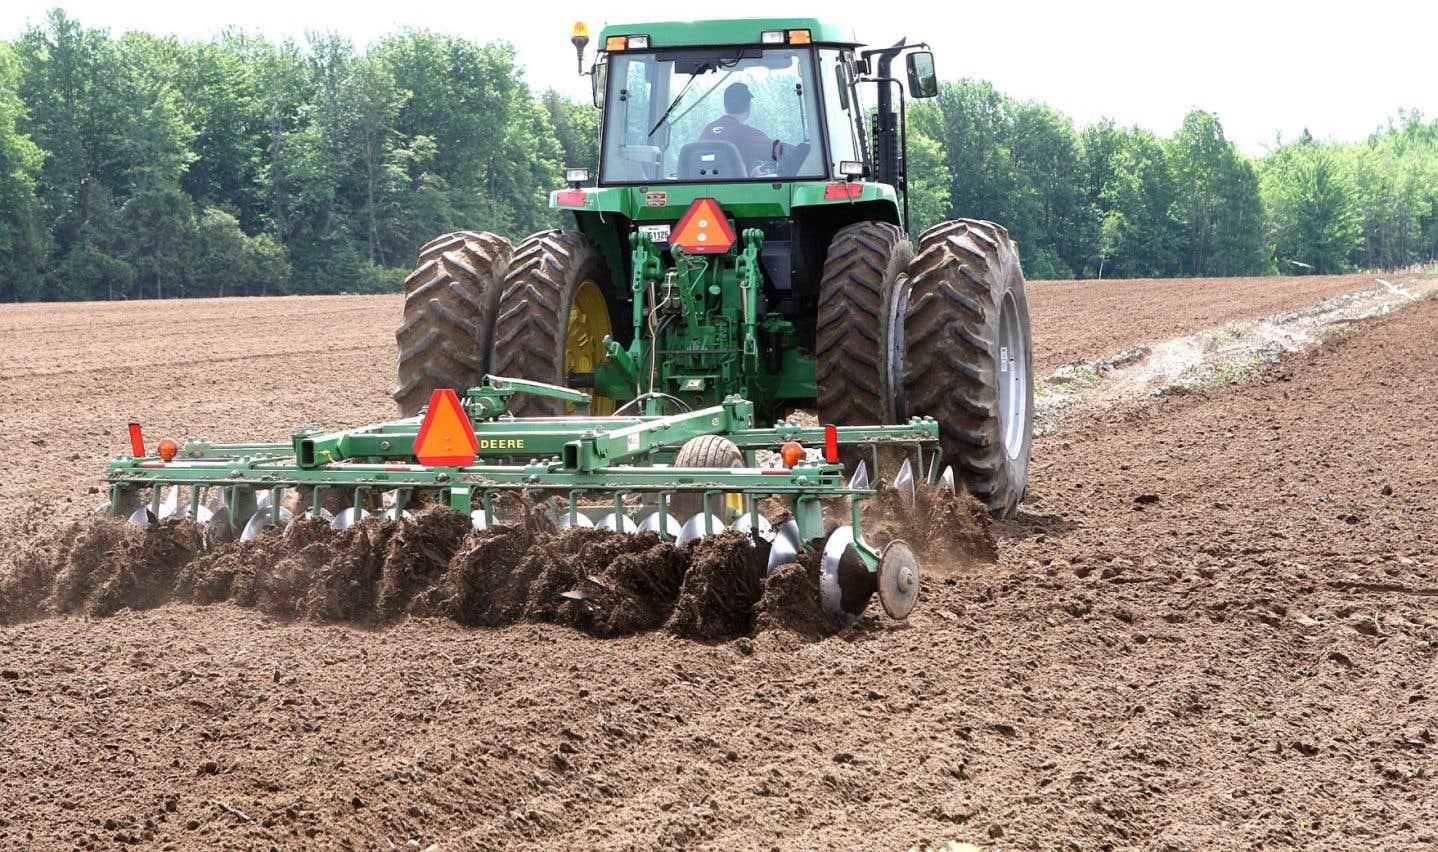 En 2013, l'incidence économique de l'industrie agroalimentaire représentait 9,4% du PIB total du Québec.